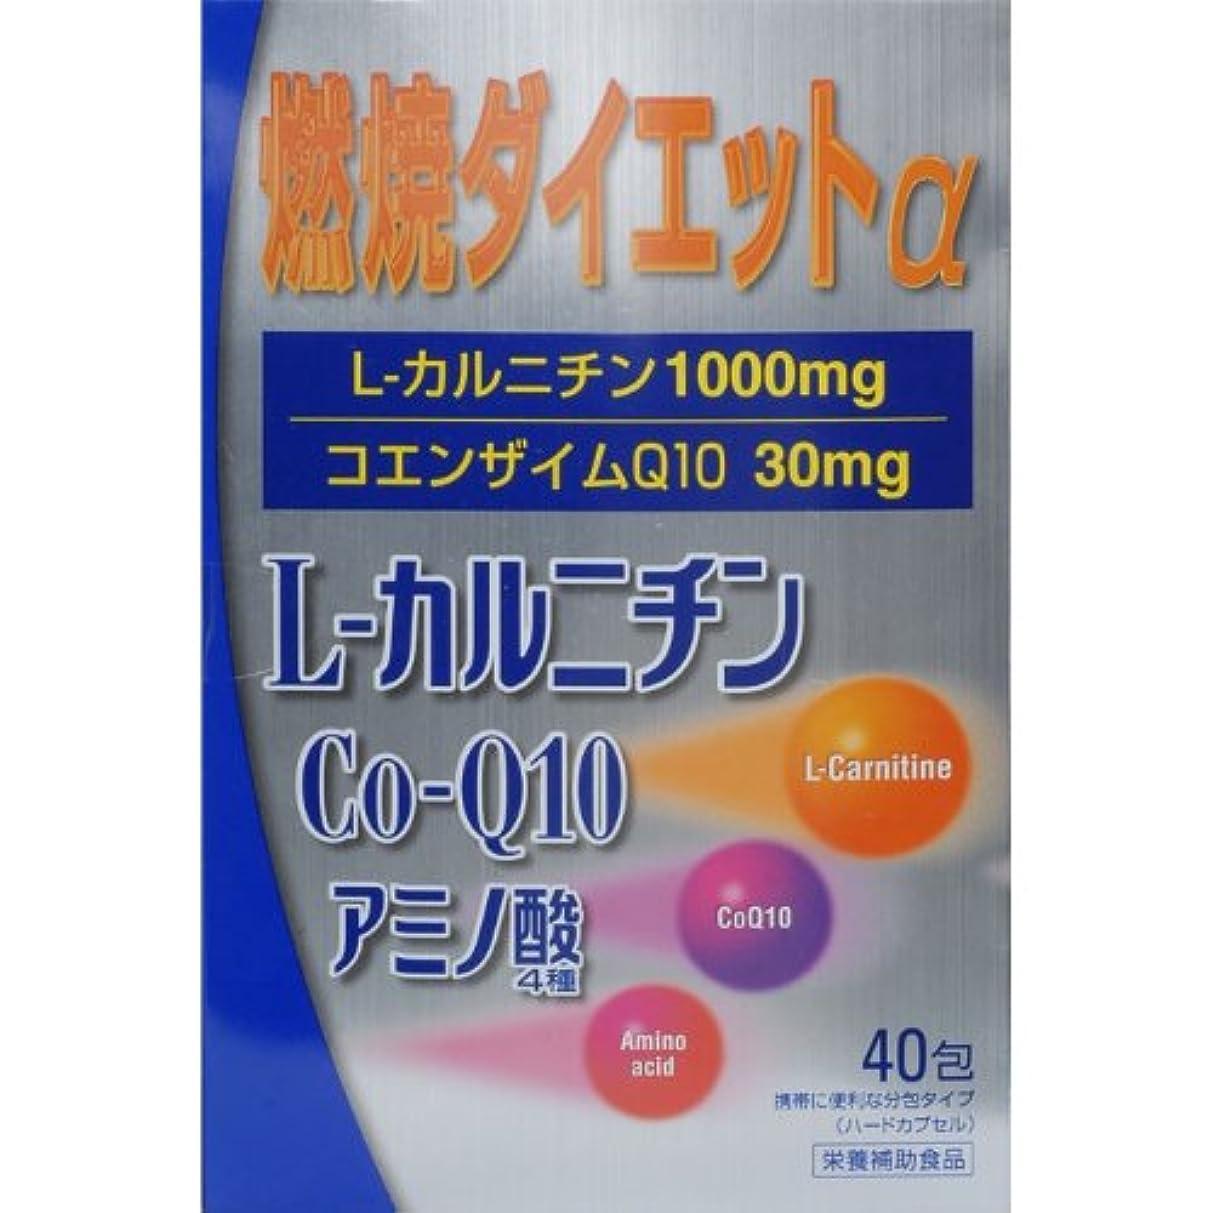 パニック日焼け失礼な燃焼ダイエットL‐カルニチンα 40包